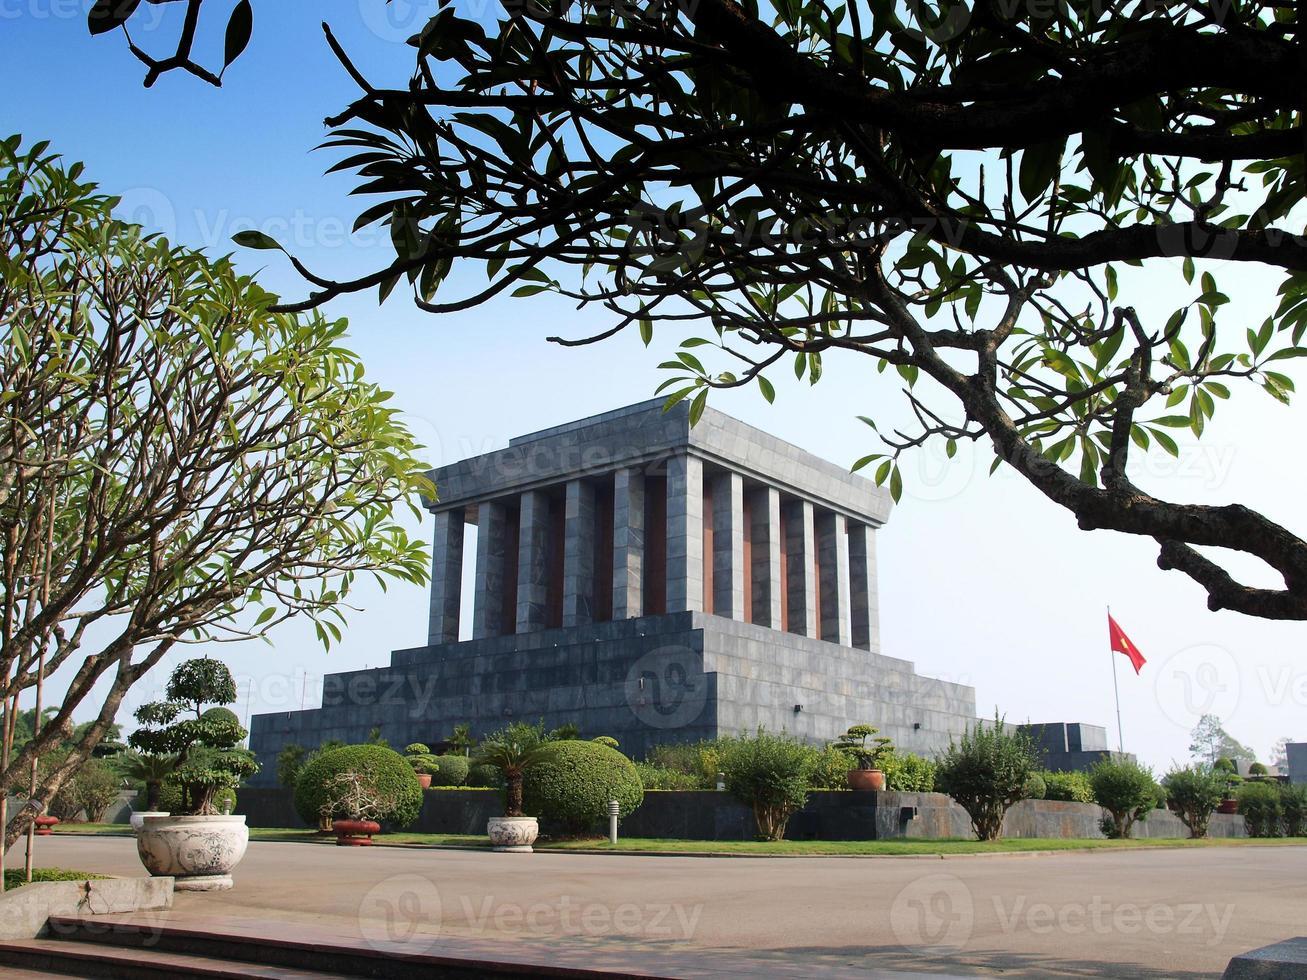 Mausoleo de Ho Chi Minh, atracción turística en Hanoi, Vietnam. foto